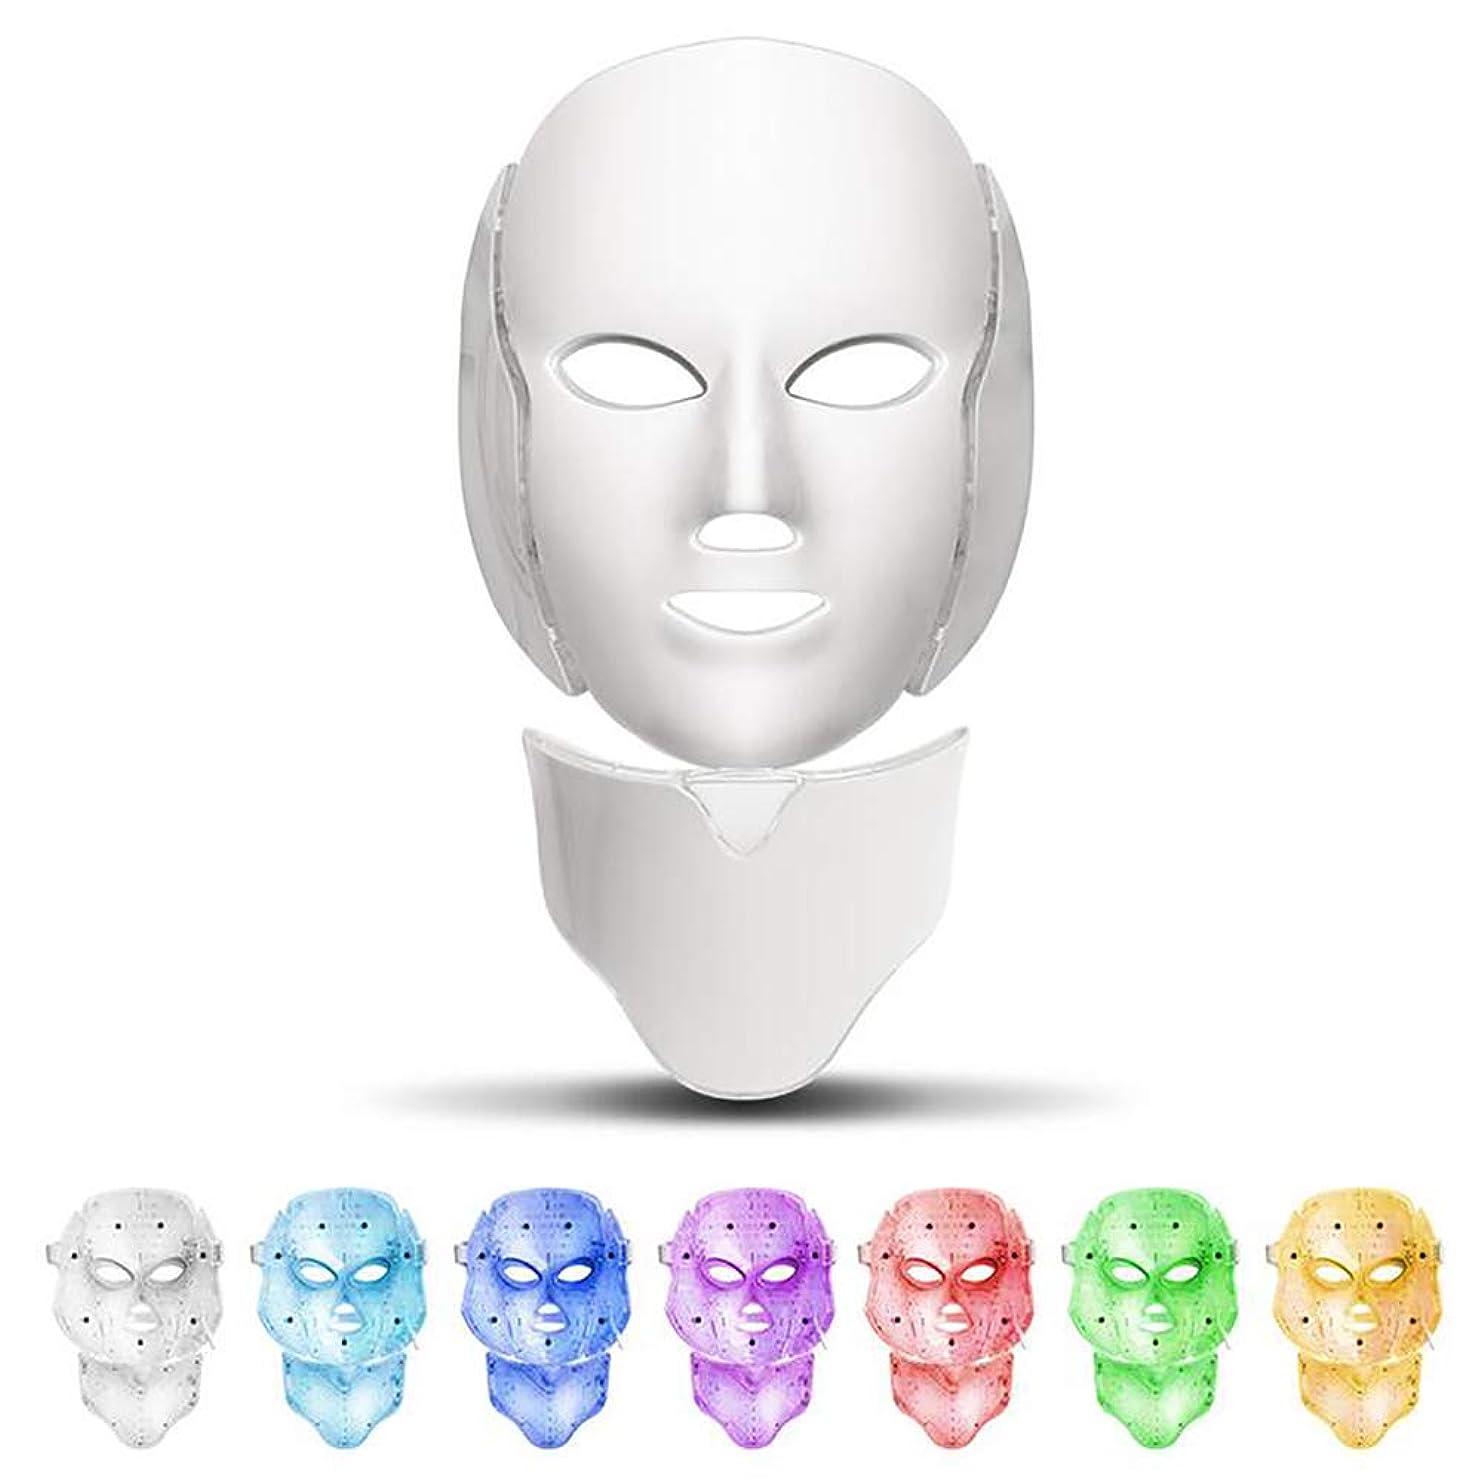 アクチュエータラグ活発7色フェイシャルマスク、顔と首ネオン輝くLEDフェイスマスク電気顔スキンケア顔肌美容